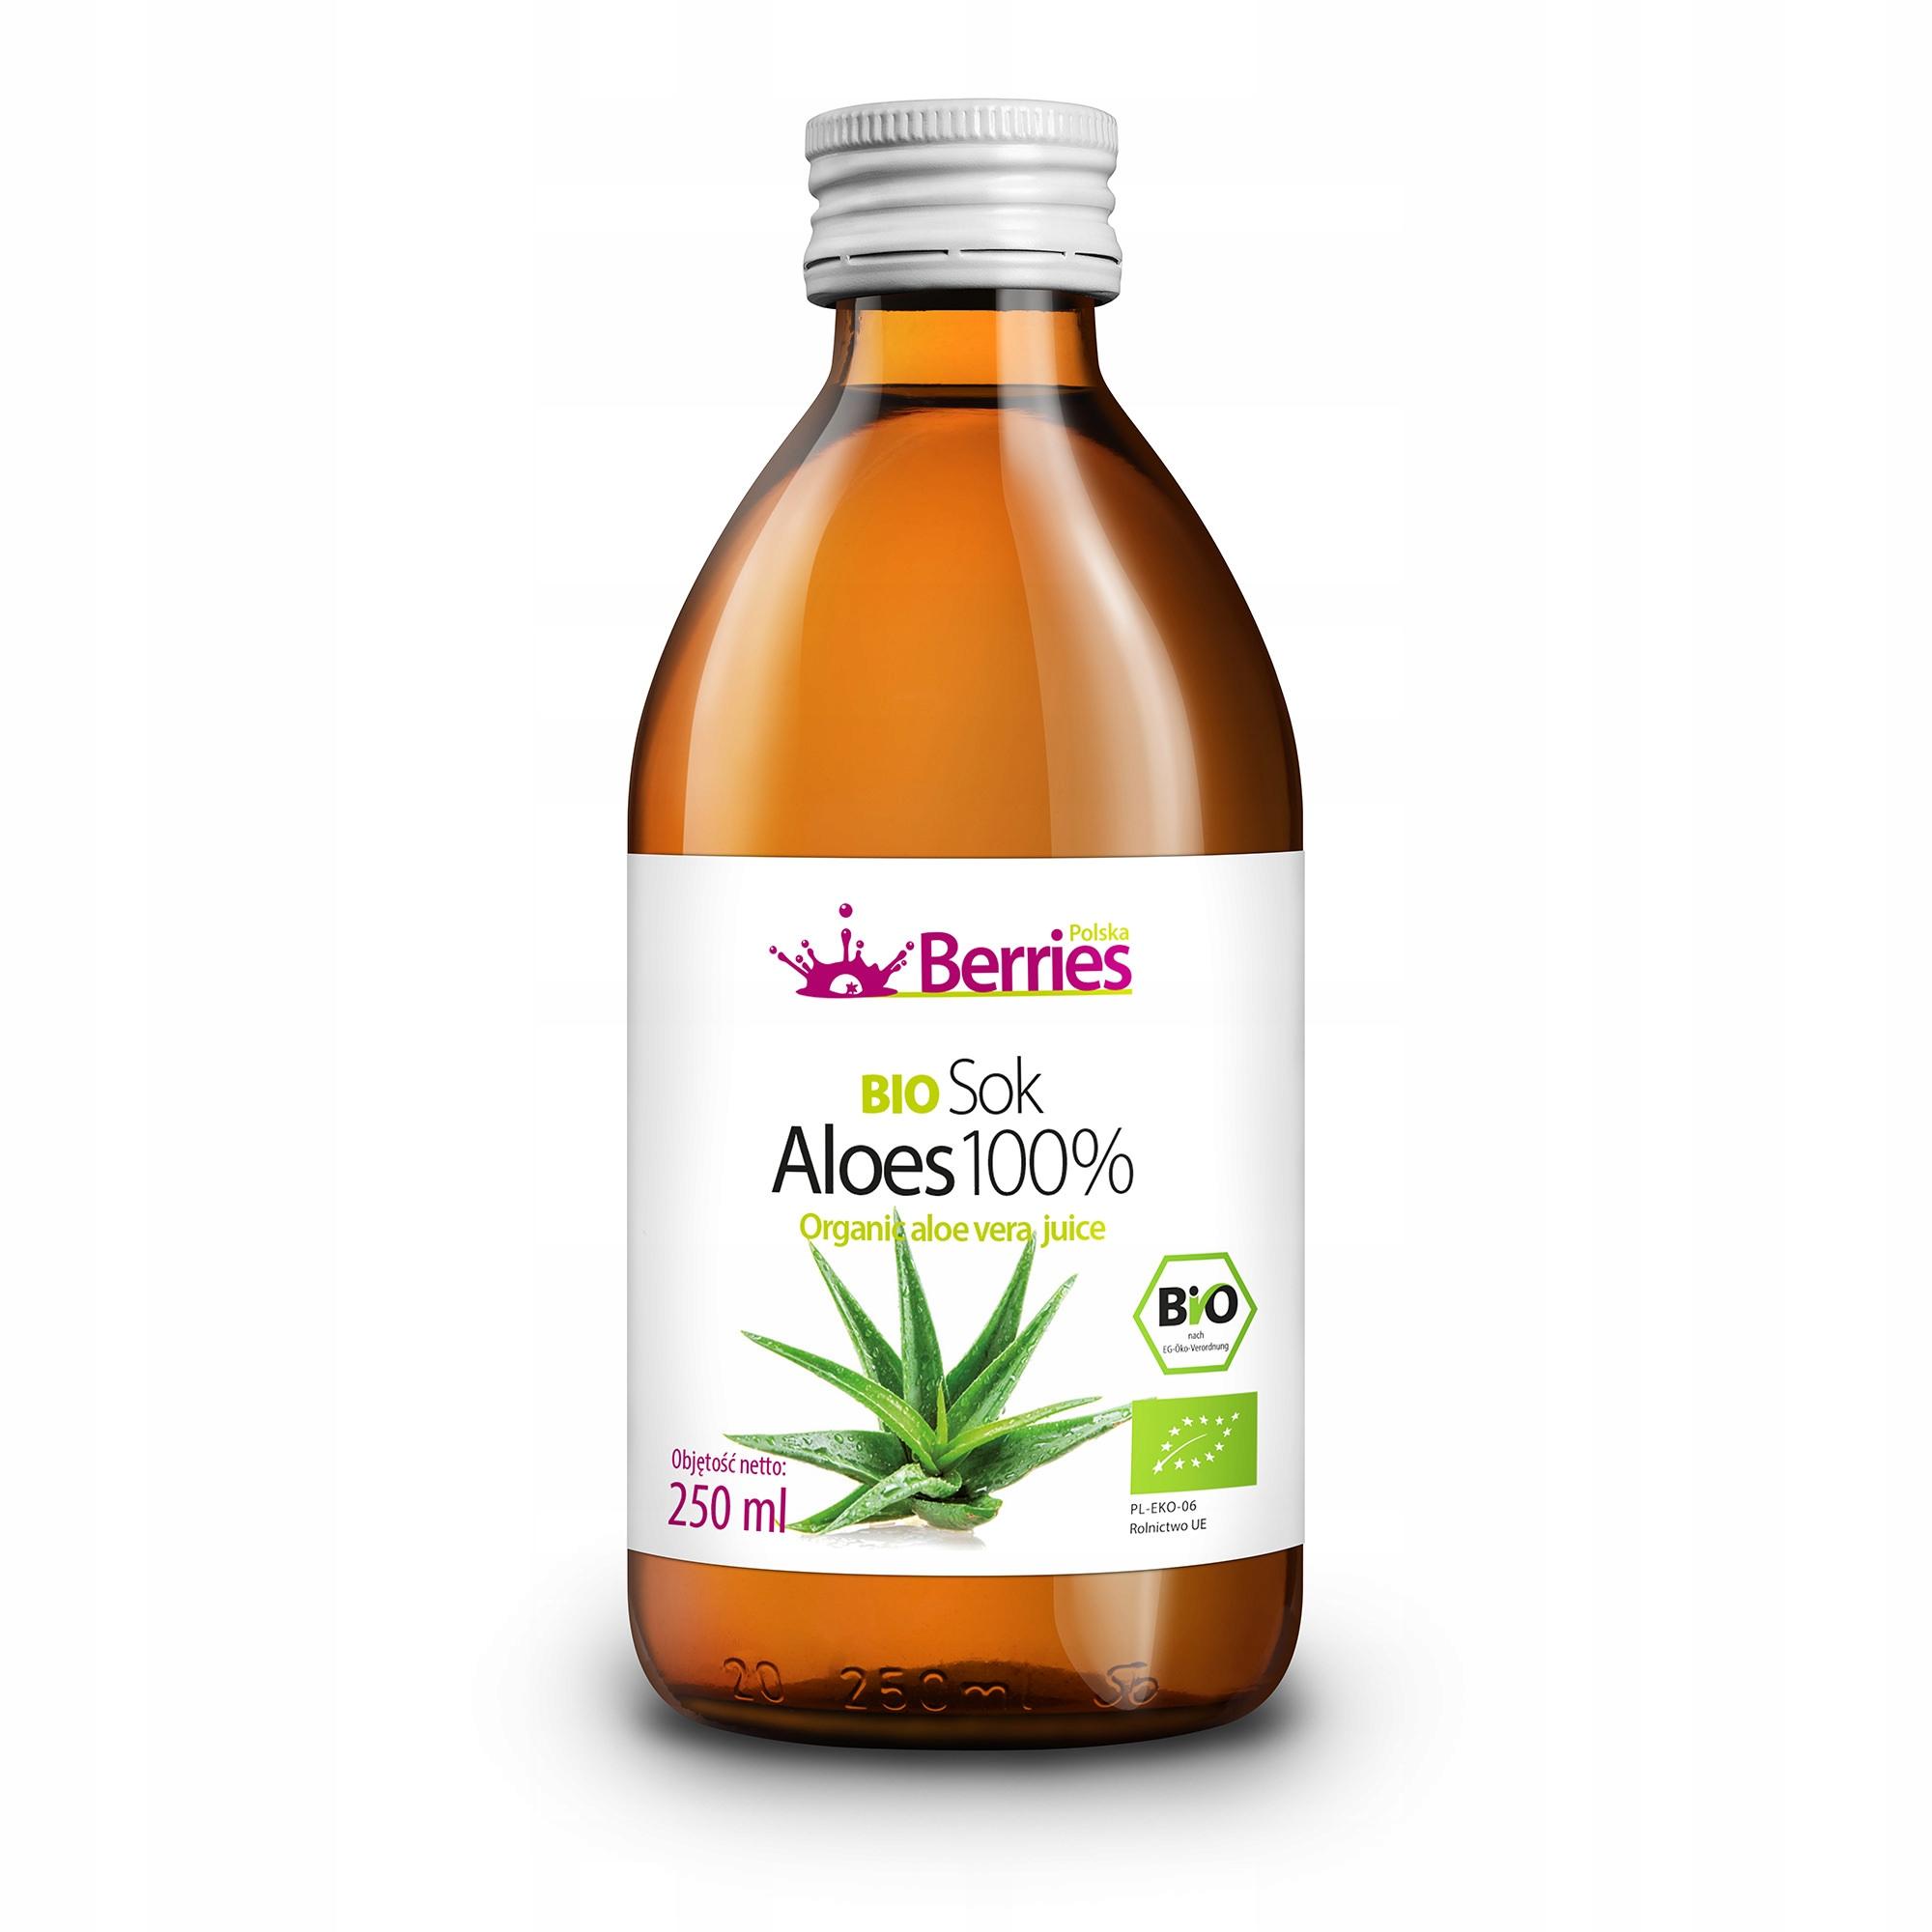 Sok BIO Aloes 100% ekologiczny sok z aloesu 250ml